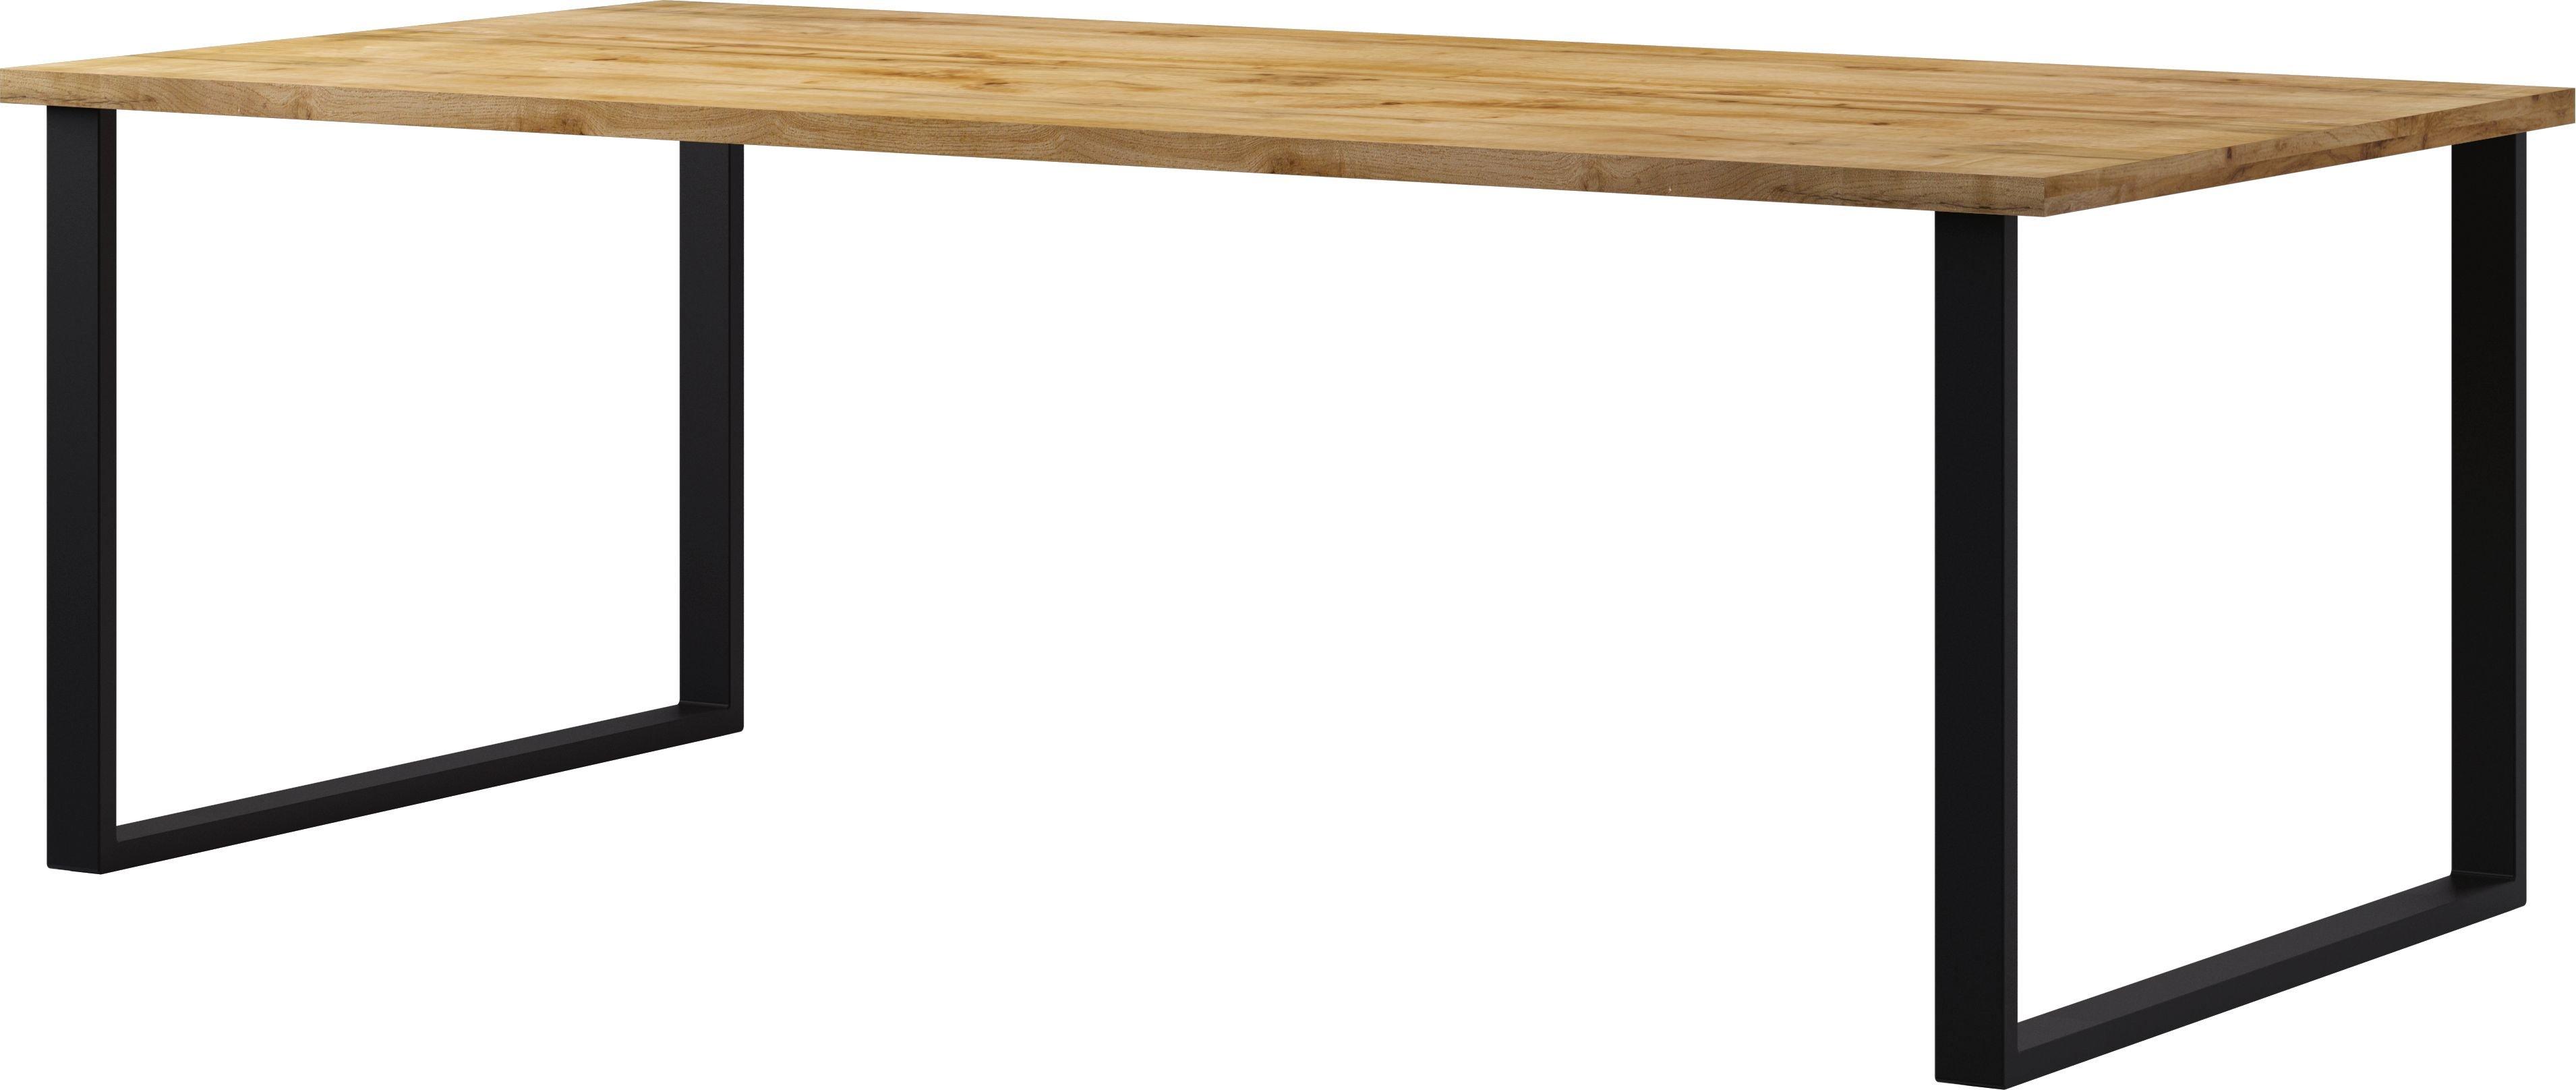 Τραπέζι Halley